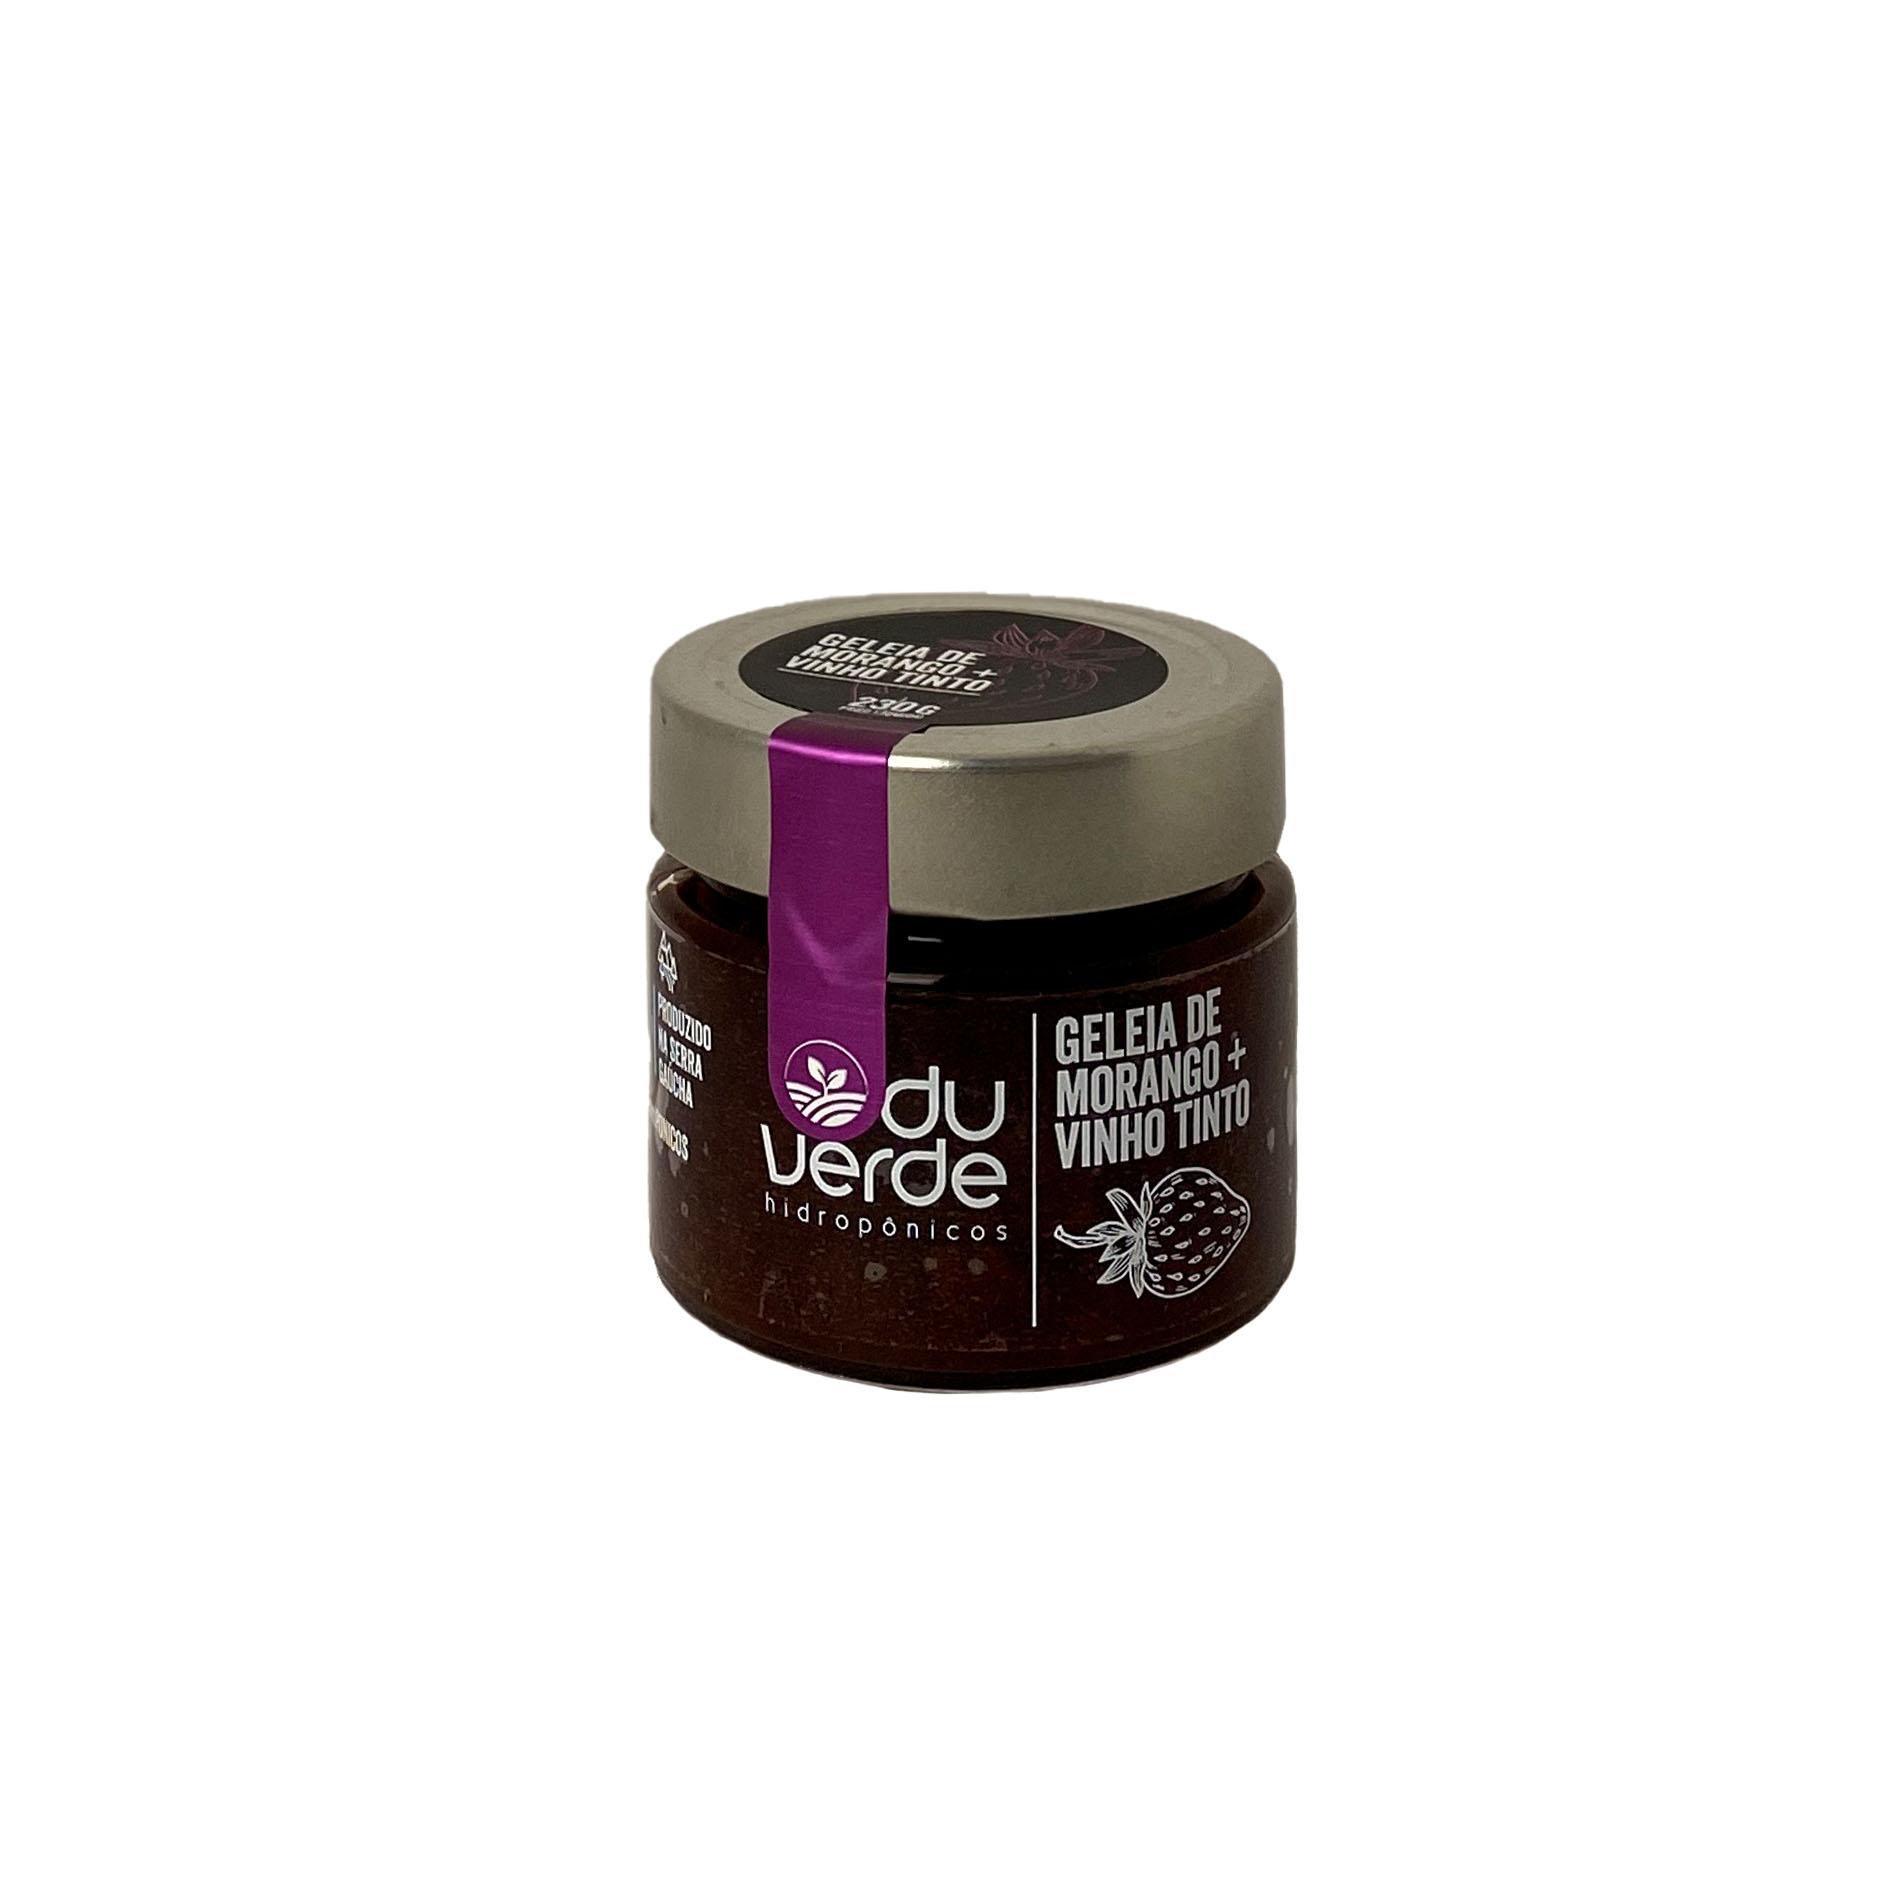 Geleia de Morango + Vinho Tinto  - Vinerize